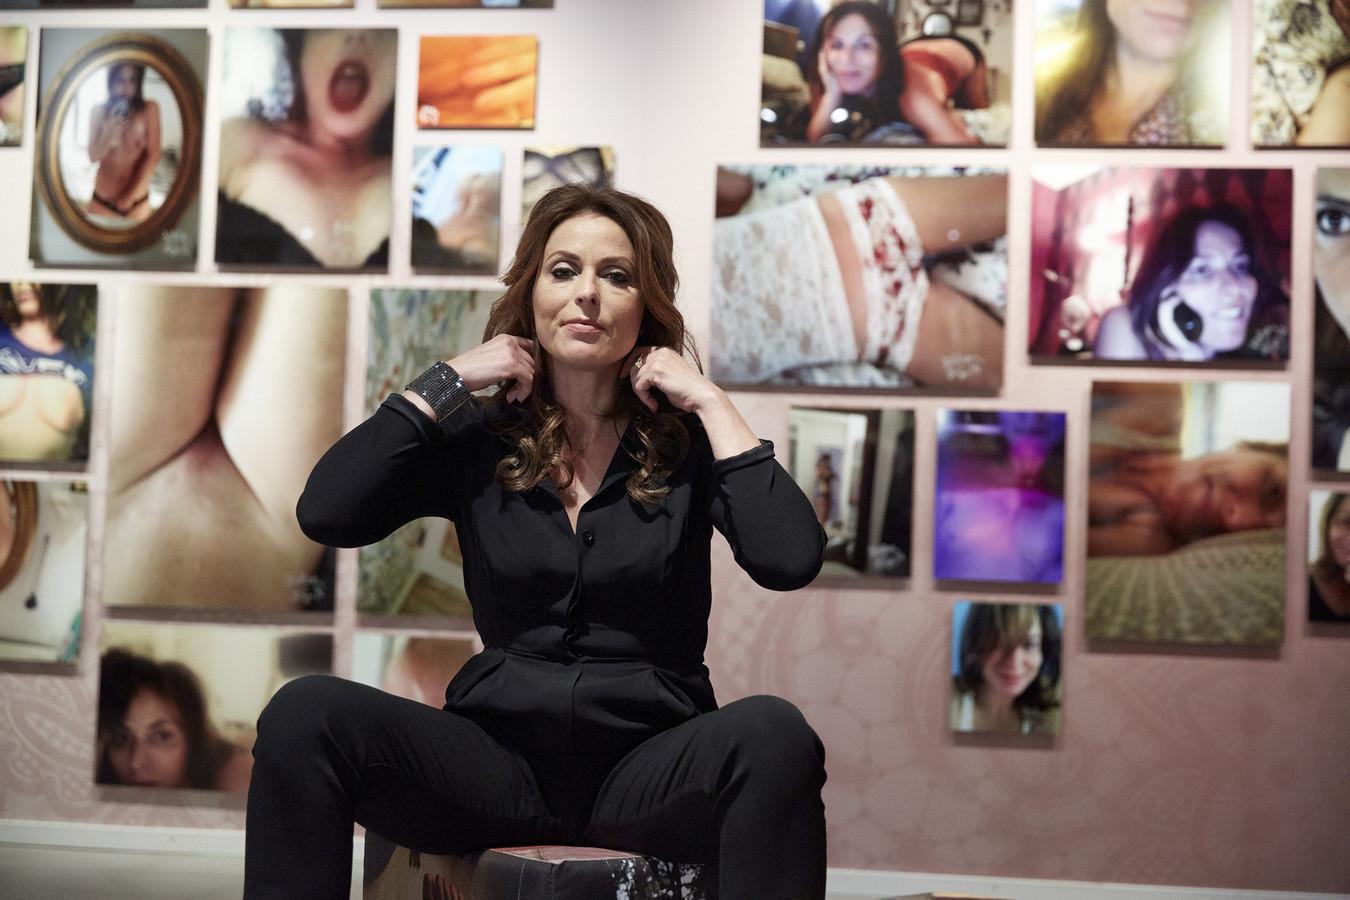 Mooie vagina Fotos